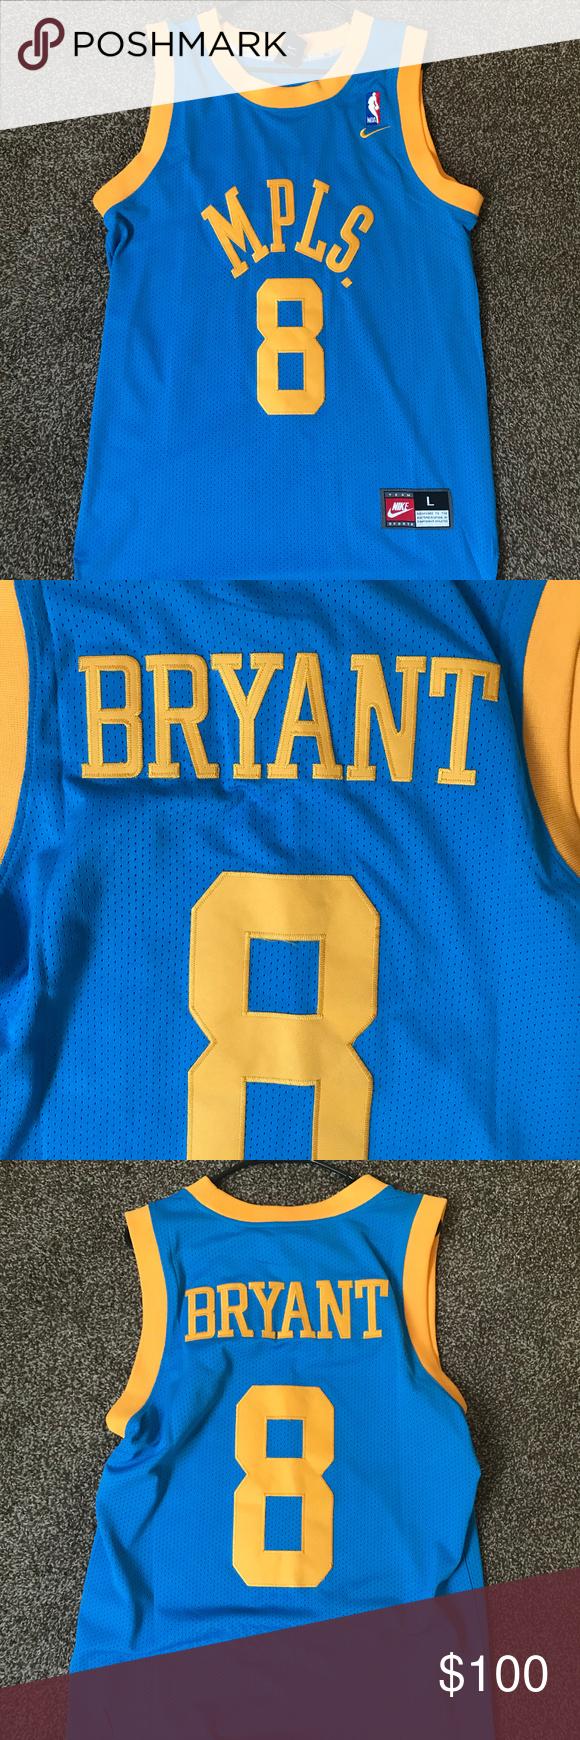 KOBE BRYANT NIKE COLLEGE JERSEY - SIZE: L   Kobe bryant, Bryant, Kobe